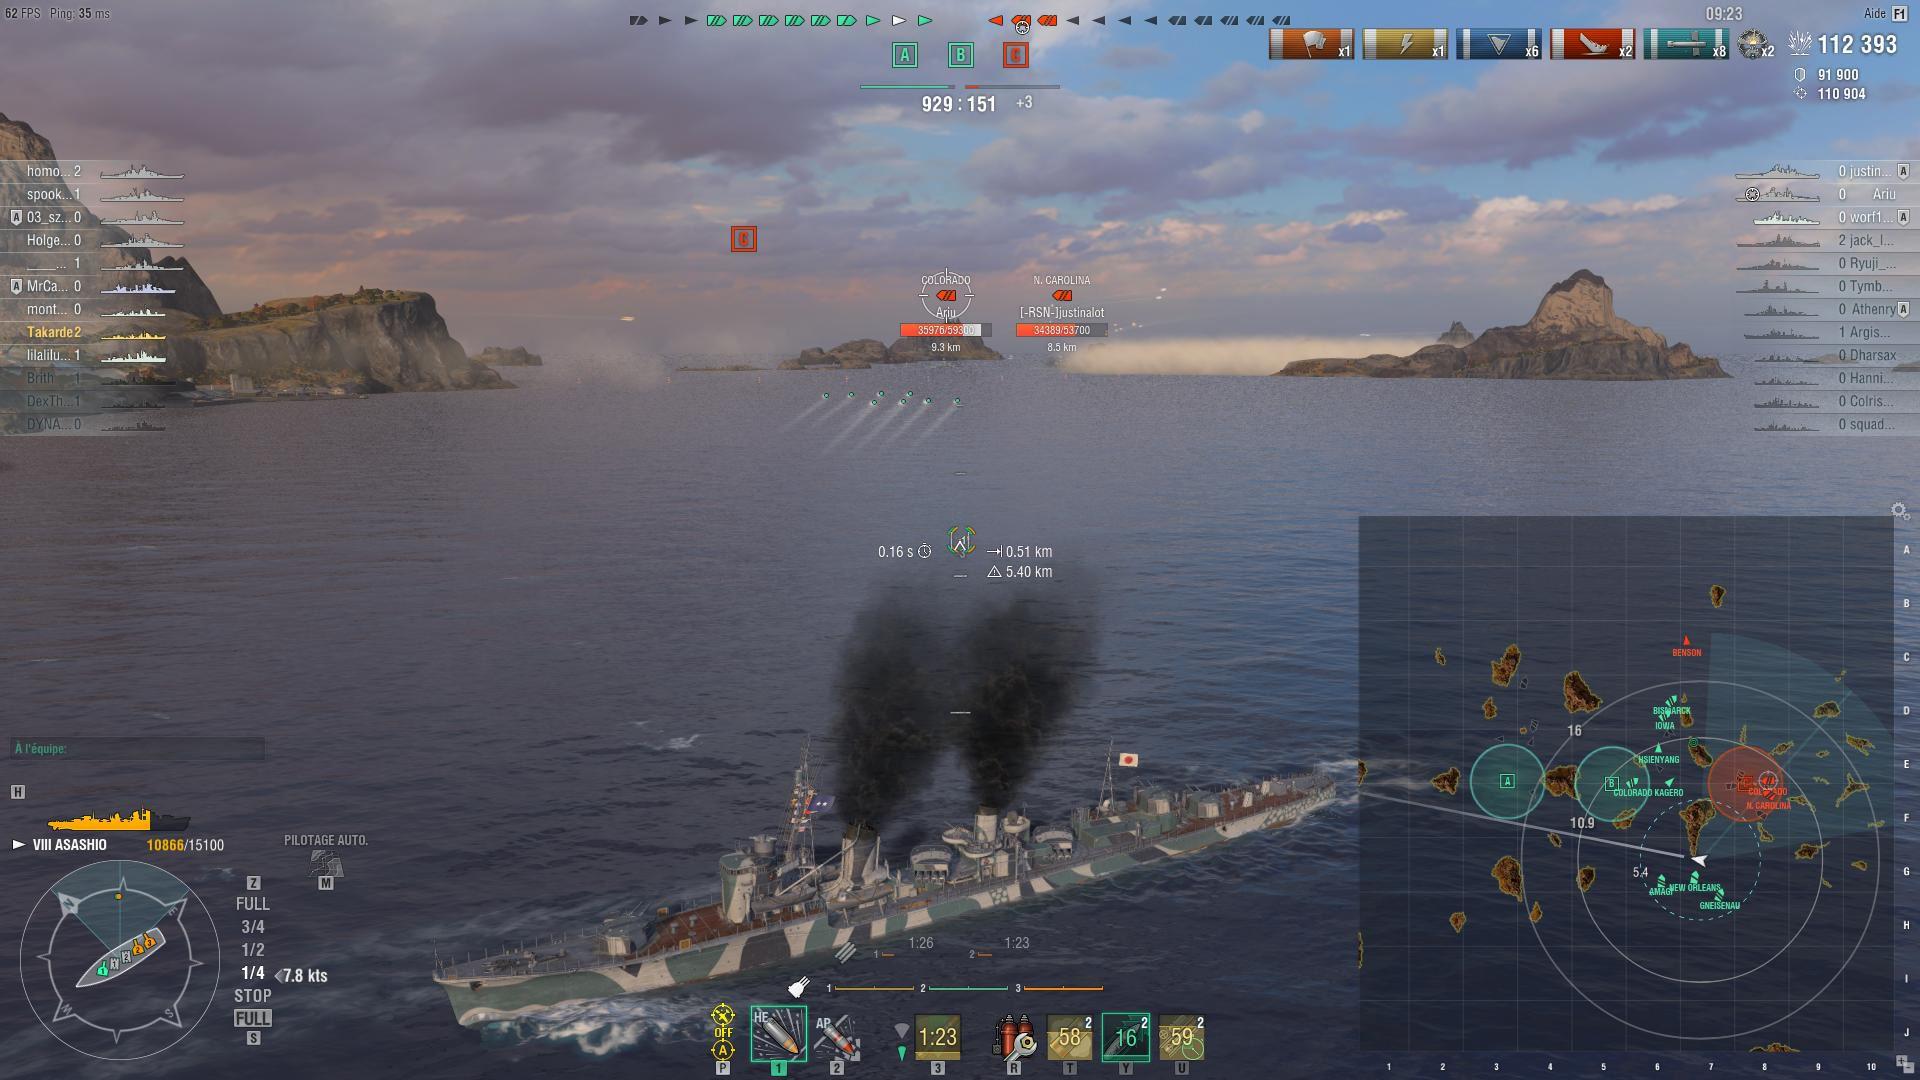 Asashio tirant ses torpilles sur des cuirassés